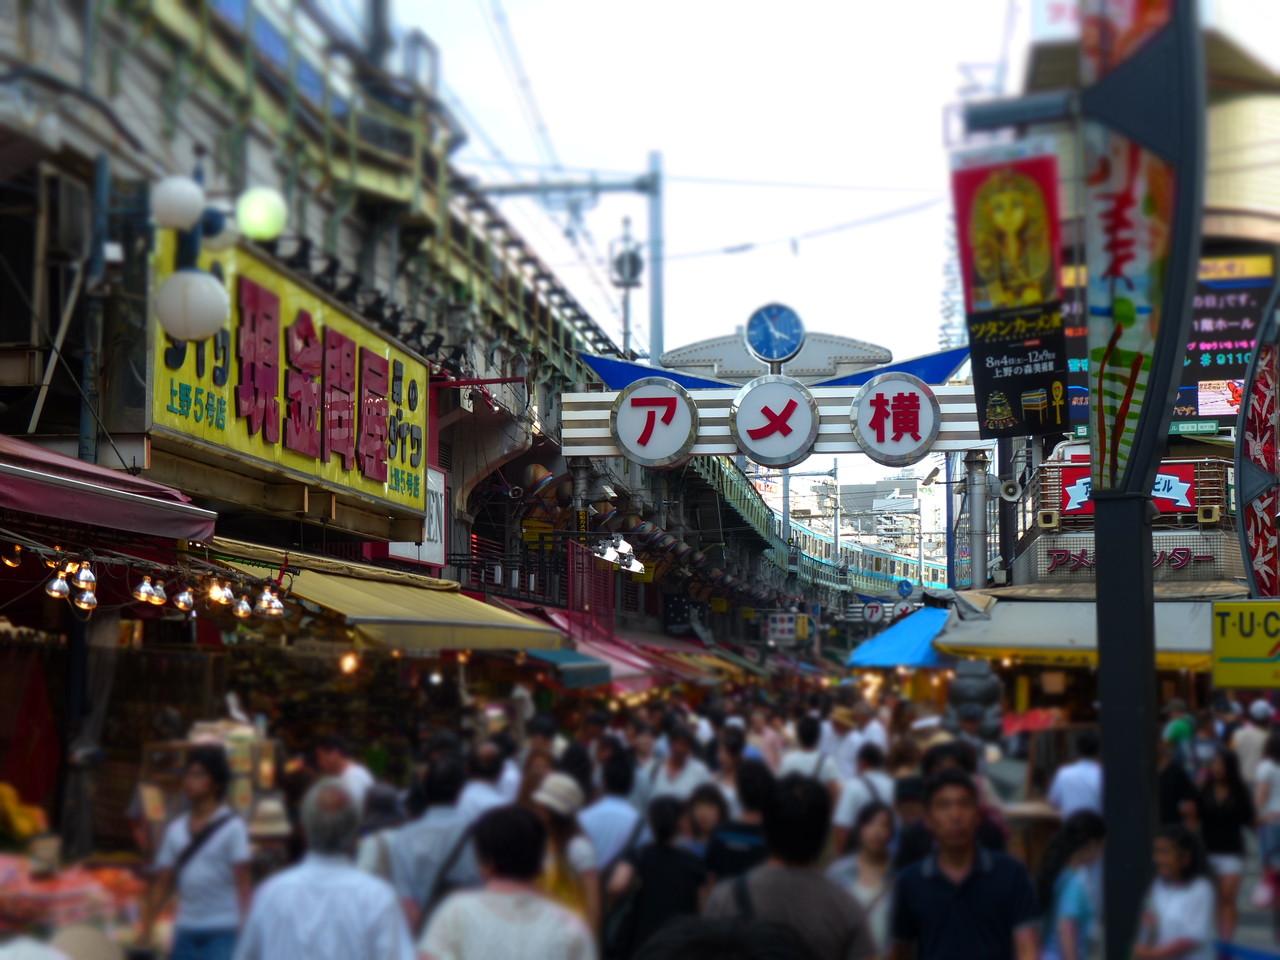 東京 1 日 観光 おすすめ